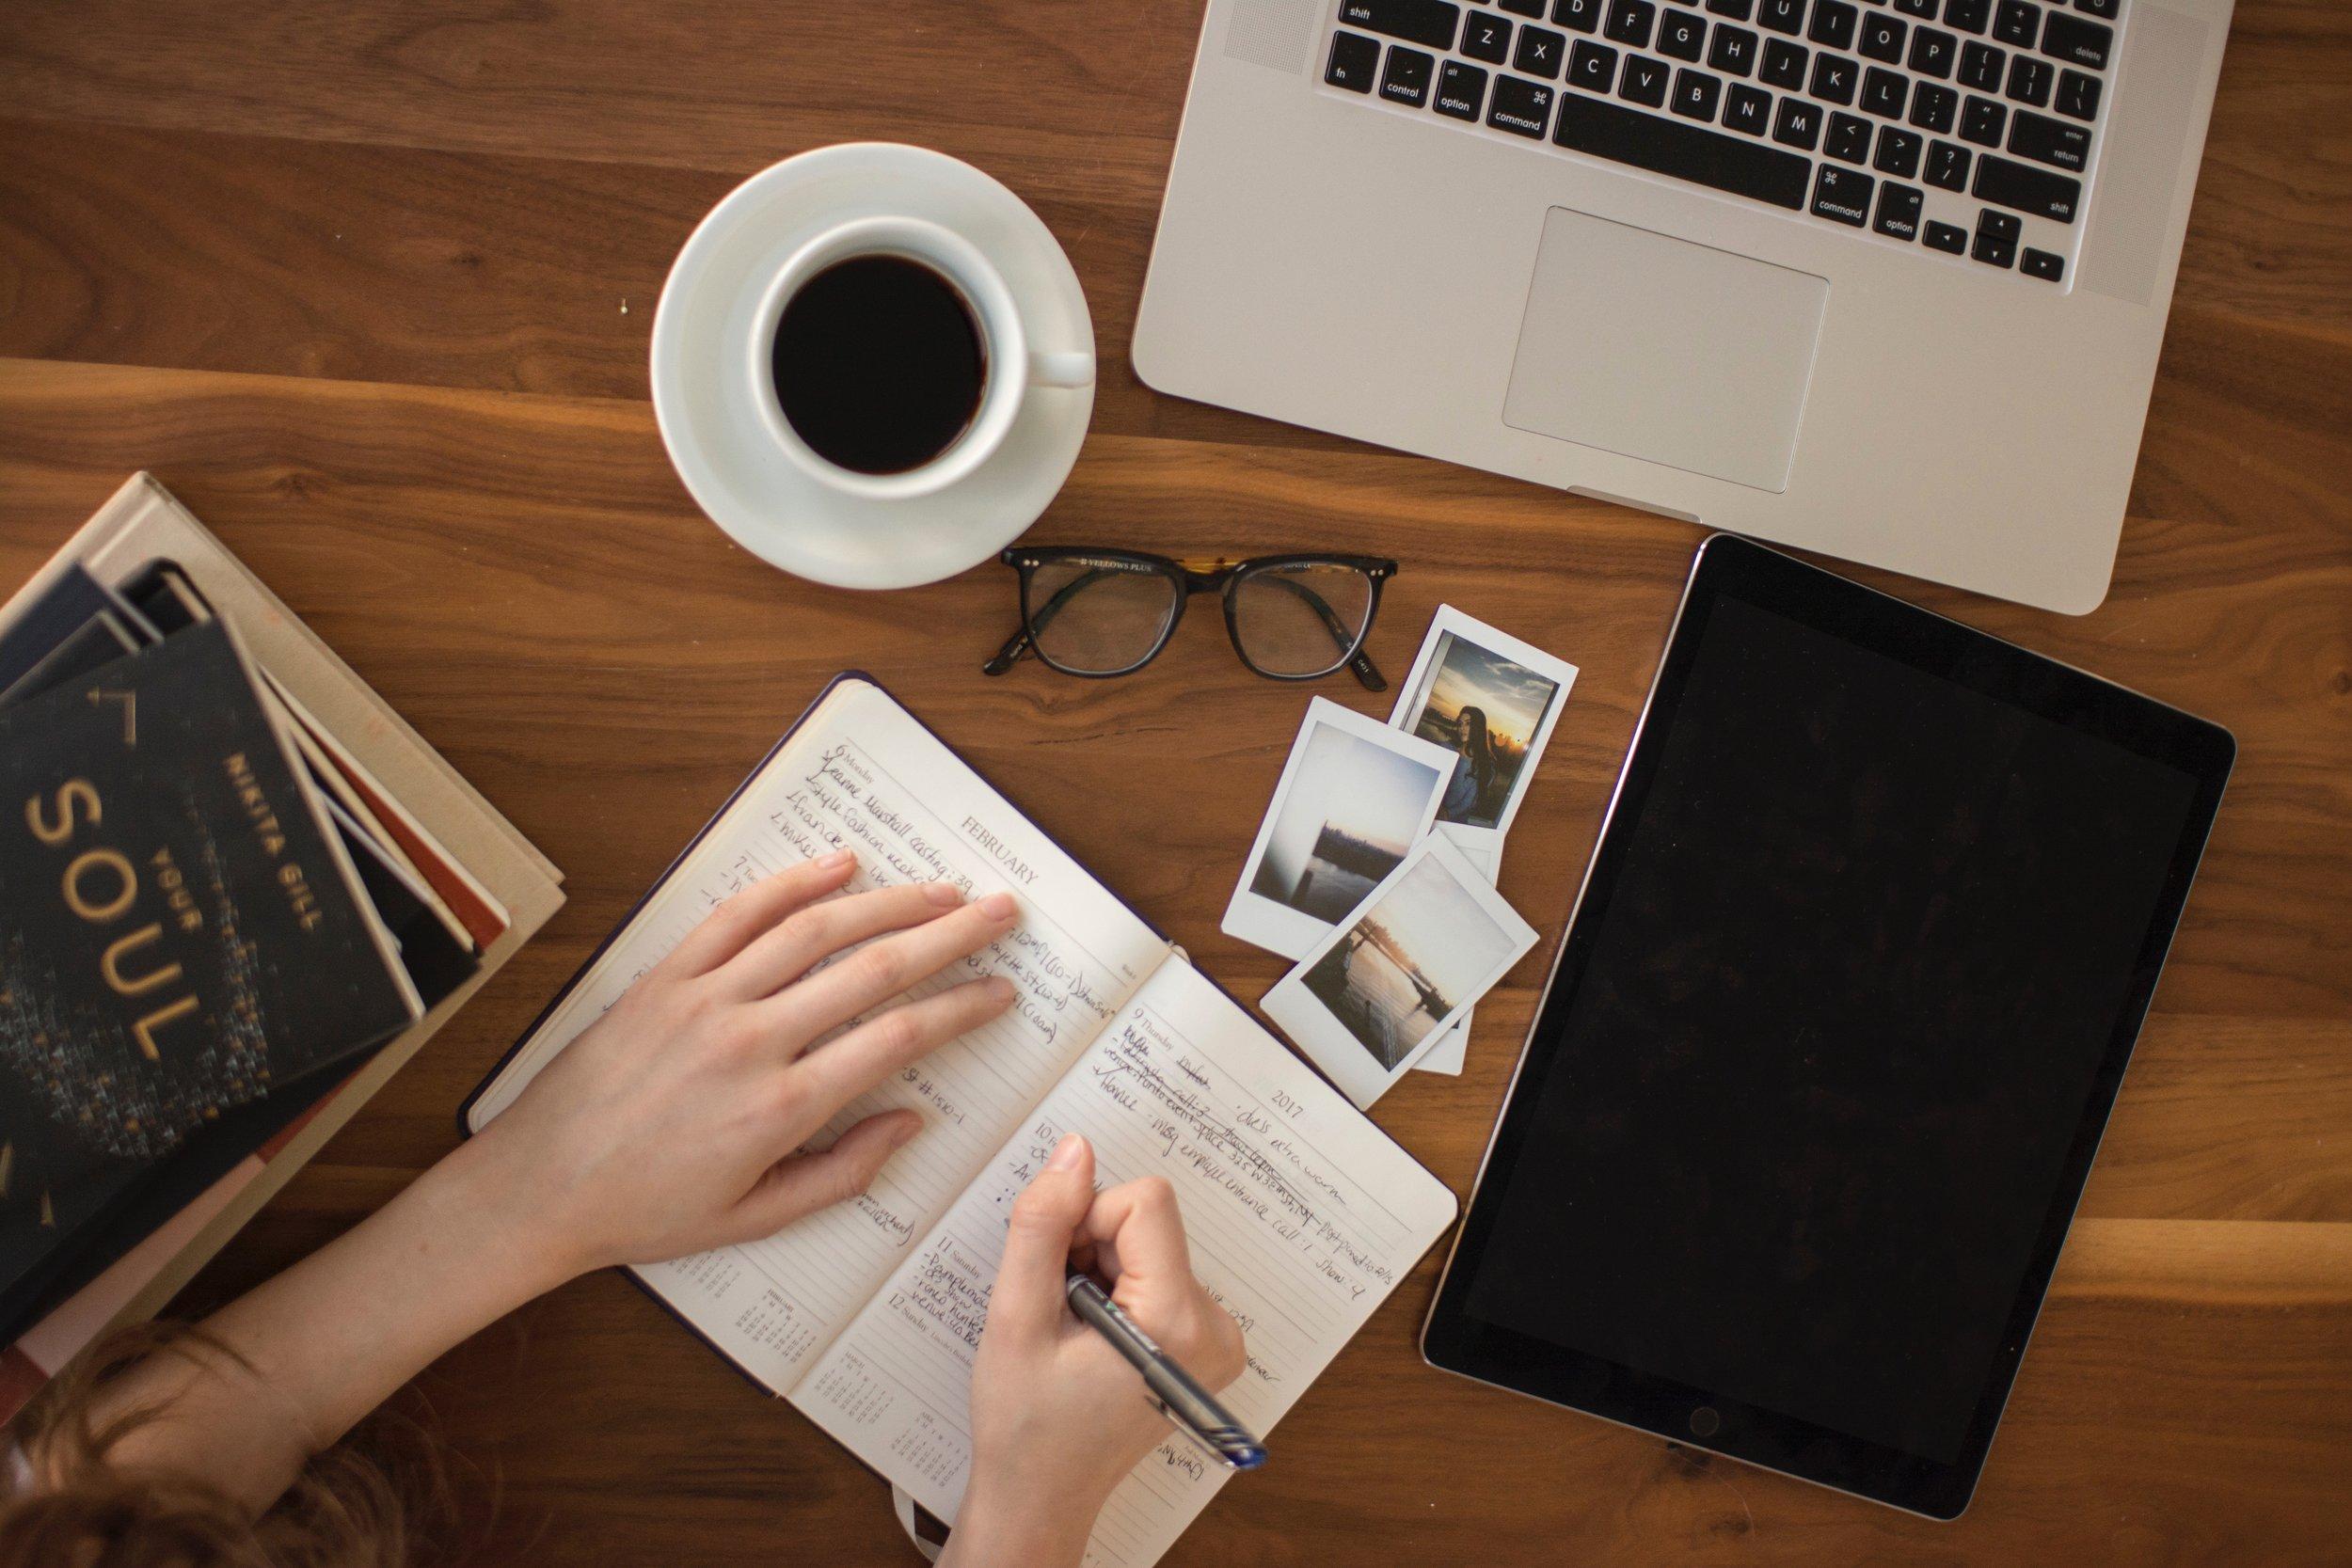 www.rrnoall.com-survey-for-a-writer-survey-a-writer-blog